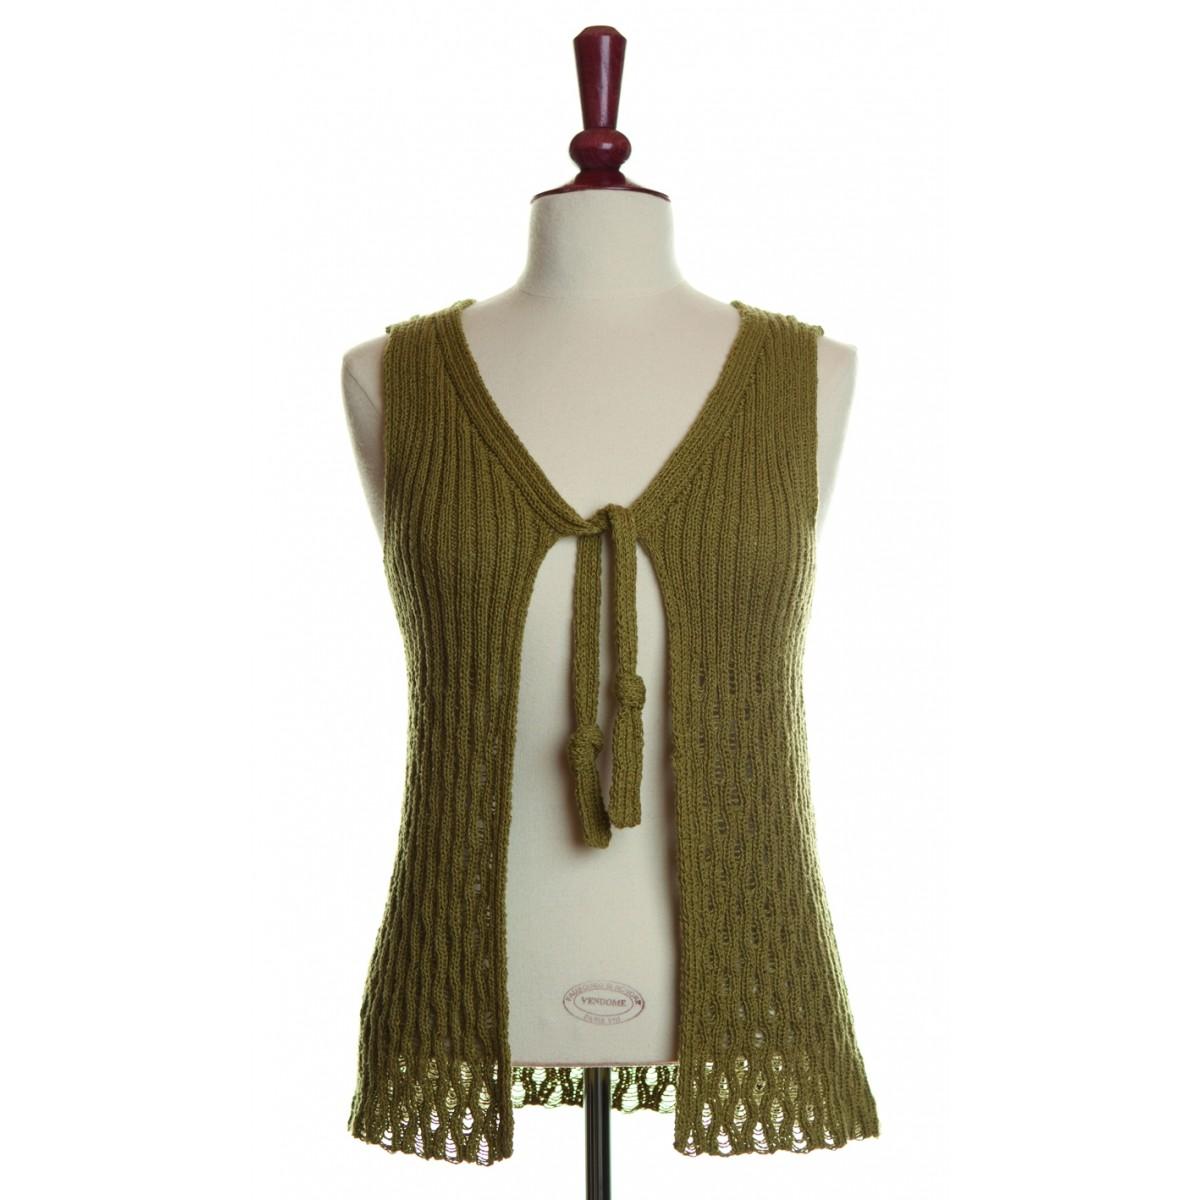 Iris vest